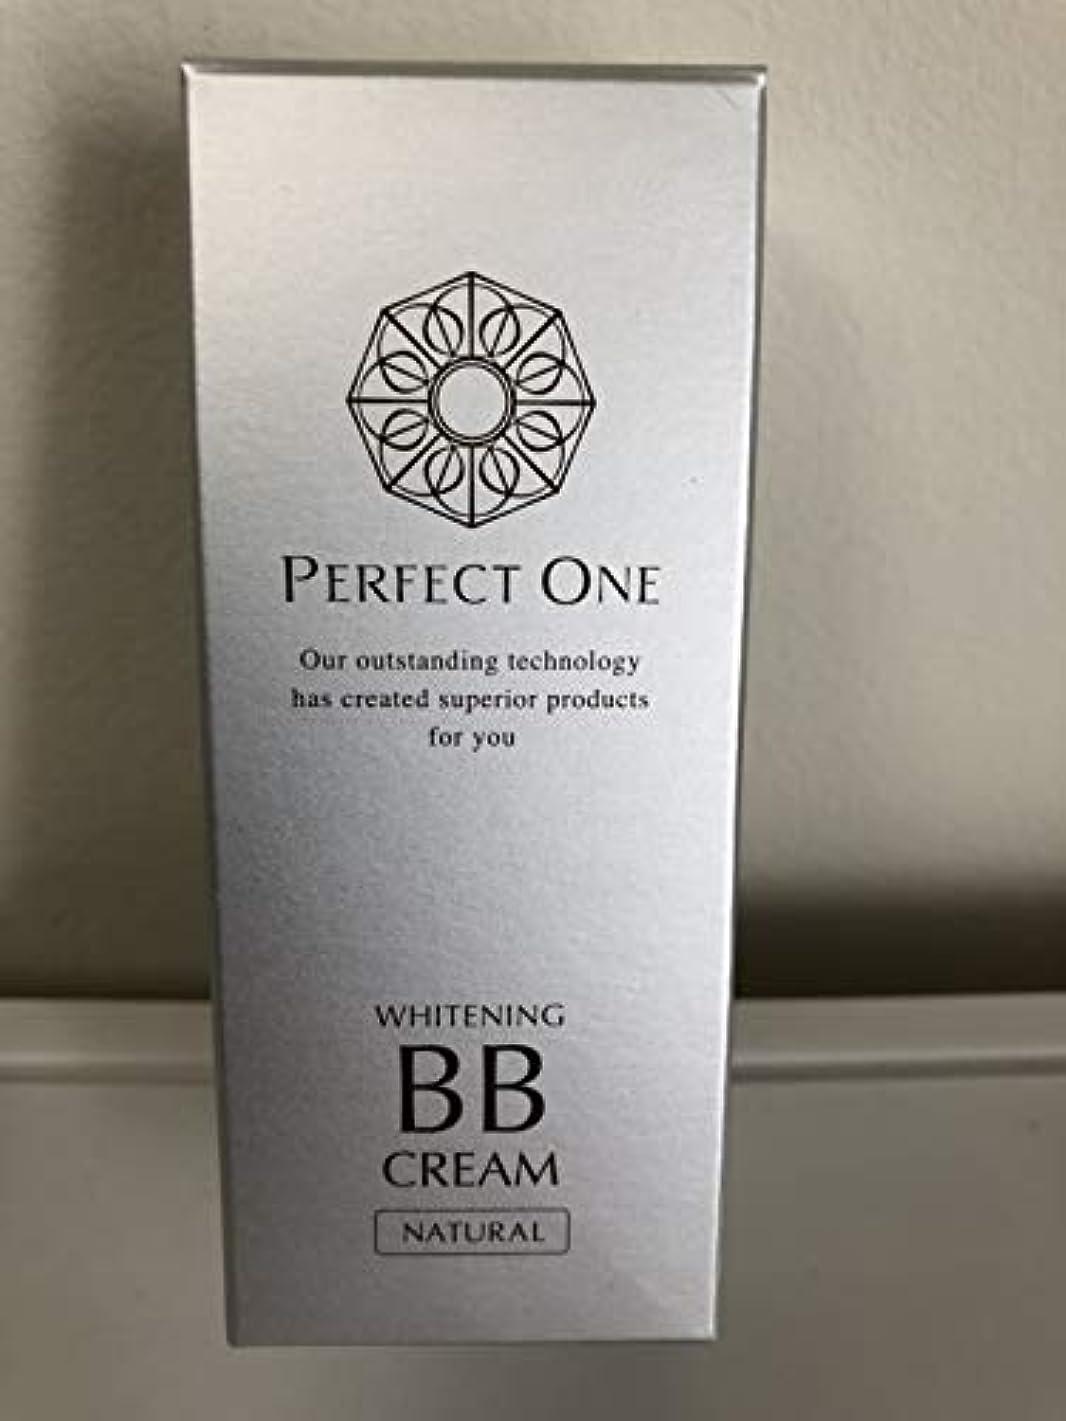 コーラスミス思慮のない新日本製薬 パーフェクトワン 薬用ホワイトニングBBクリーム ナチュラル 25g